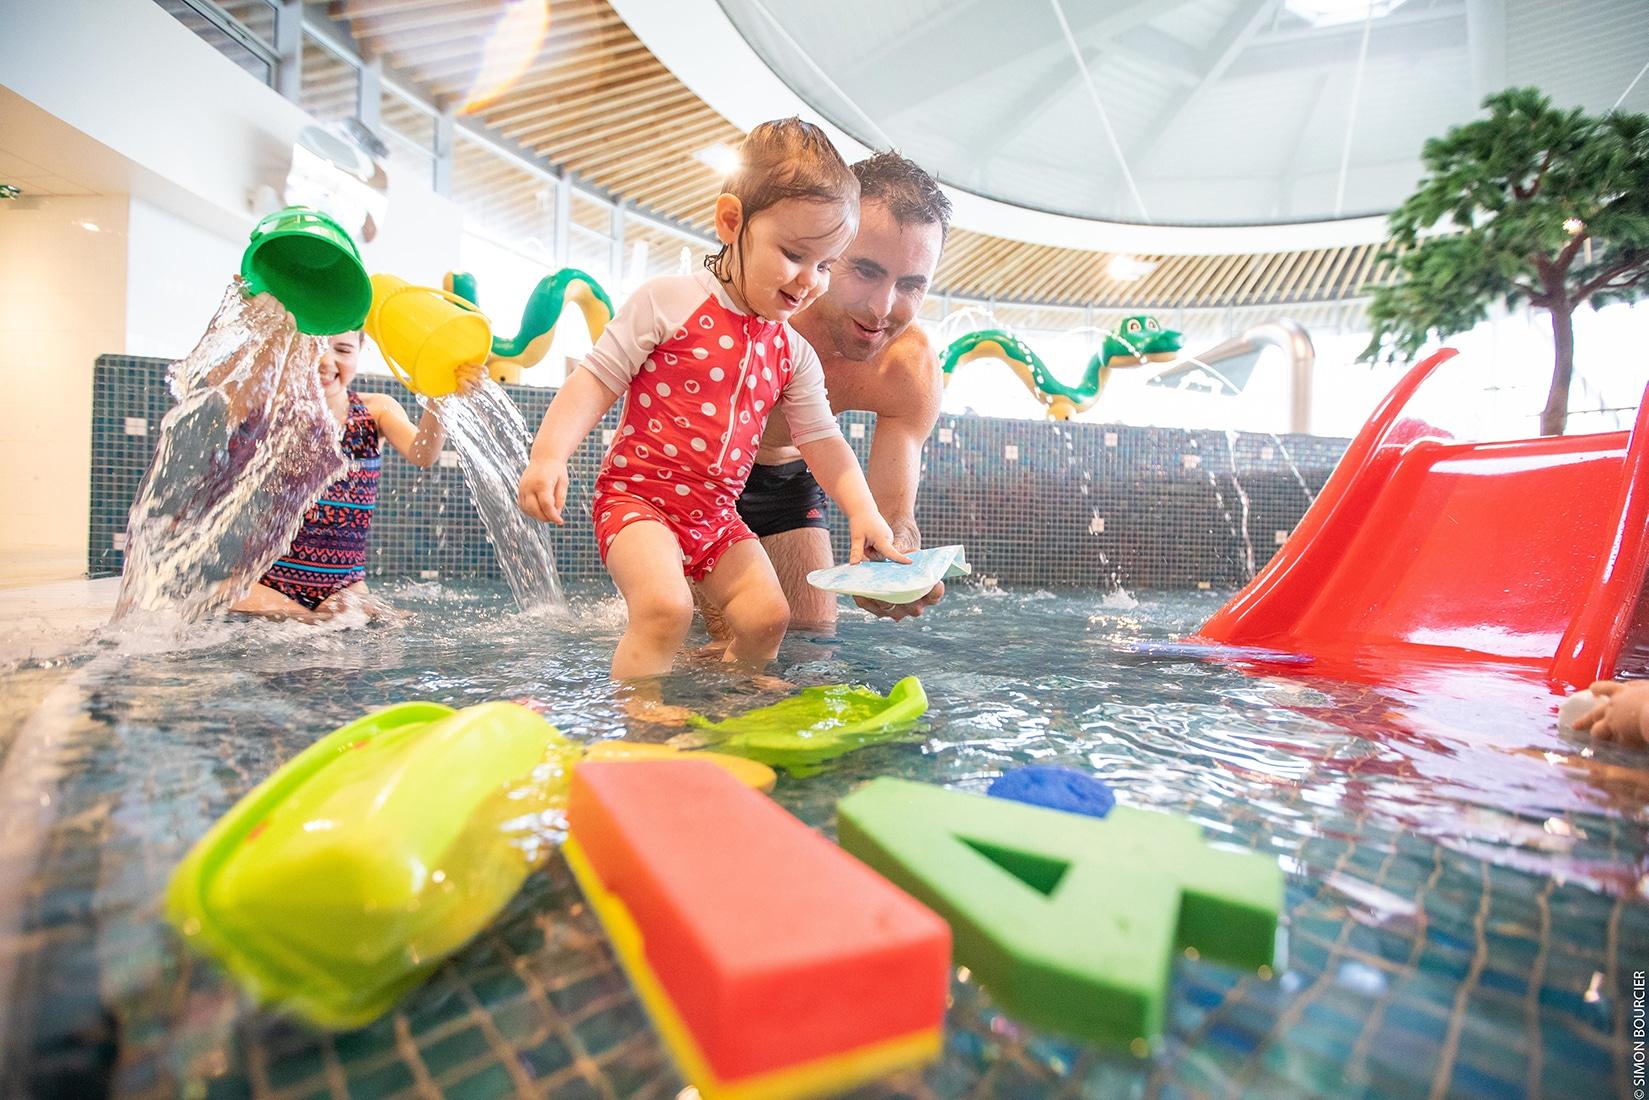 Piscine Vendée : Une Centre Aquatique Au Coeur Du Bocage Vendéen pour Piscine Les Herbiers Horaires